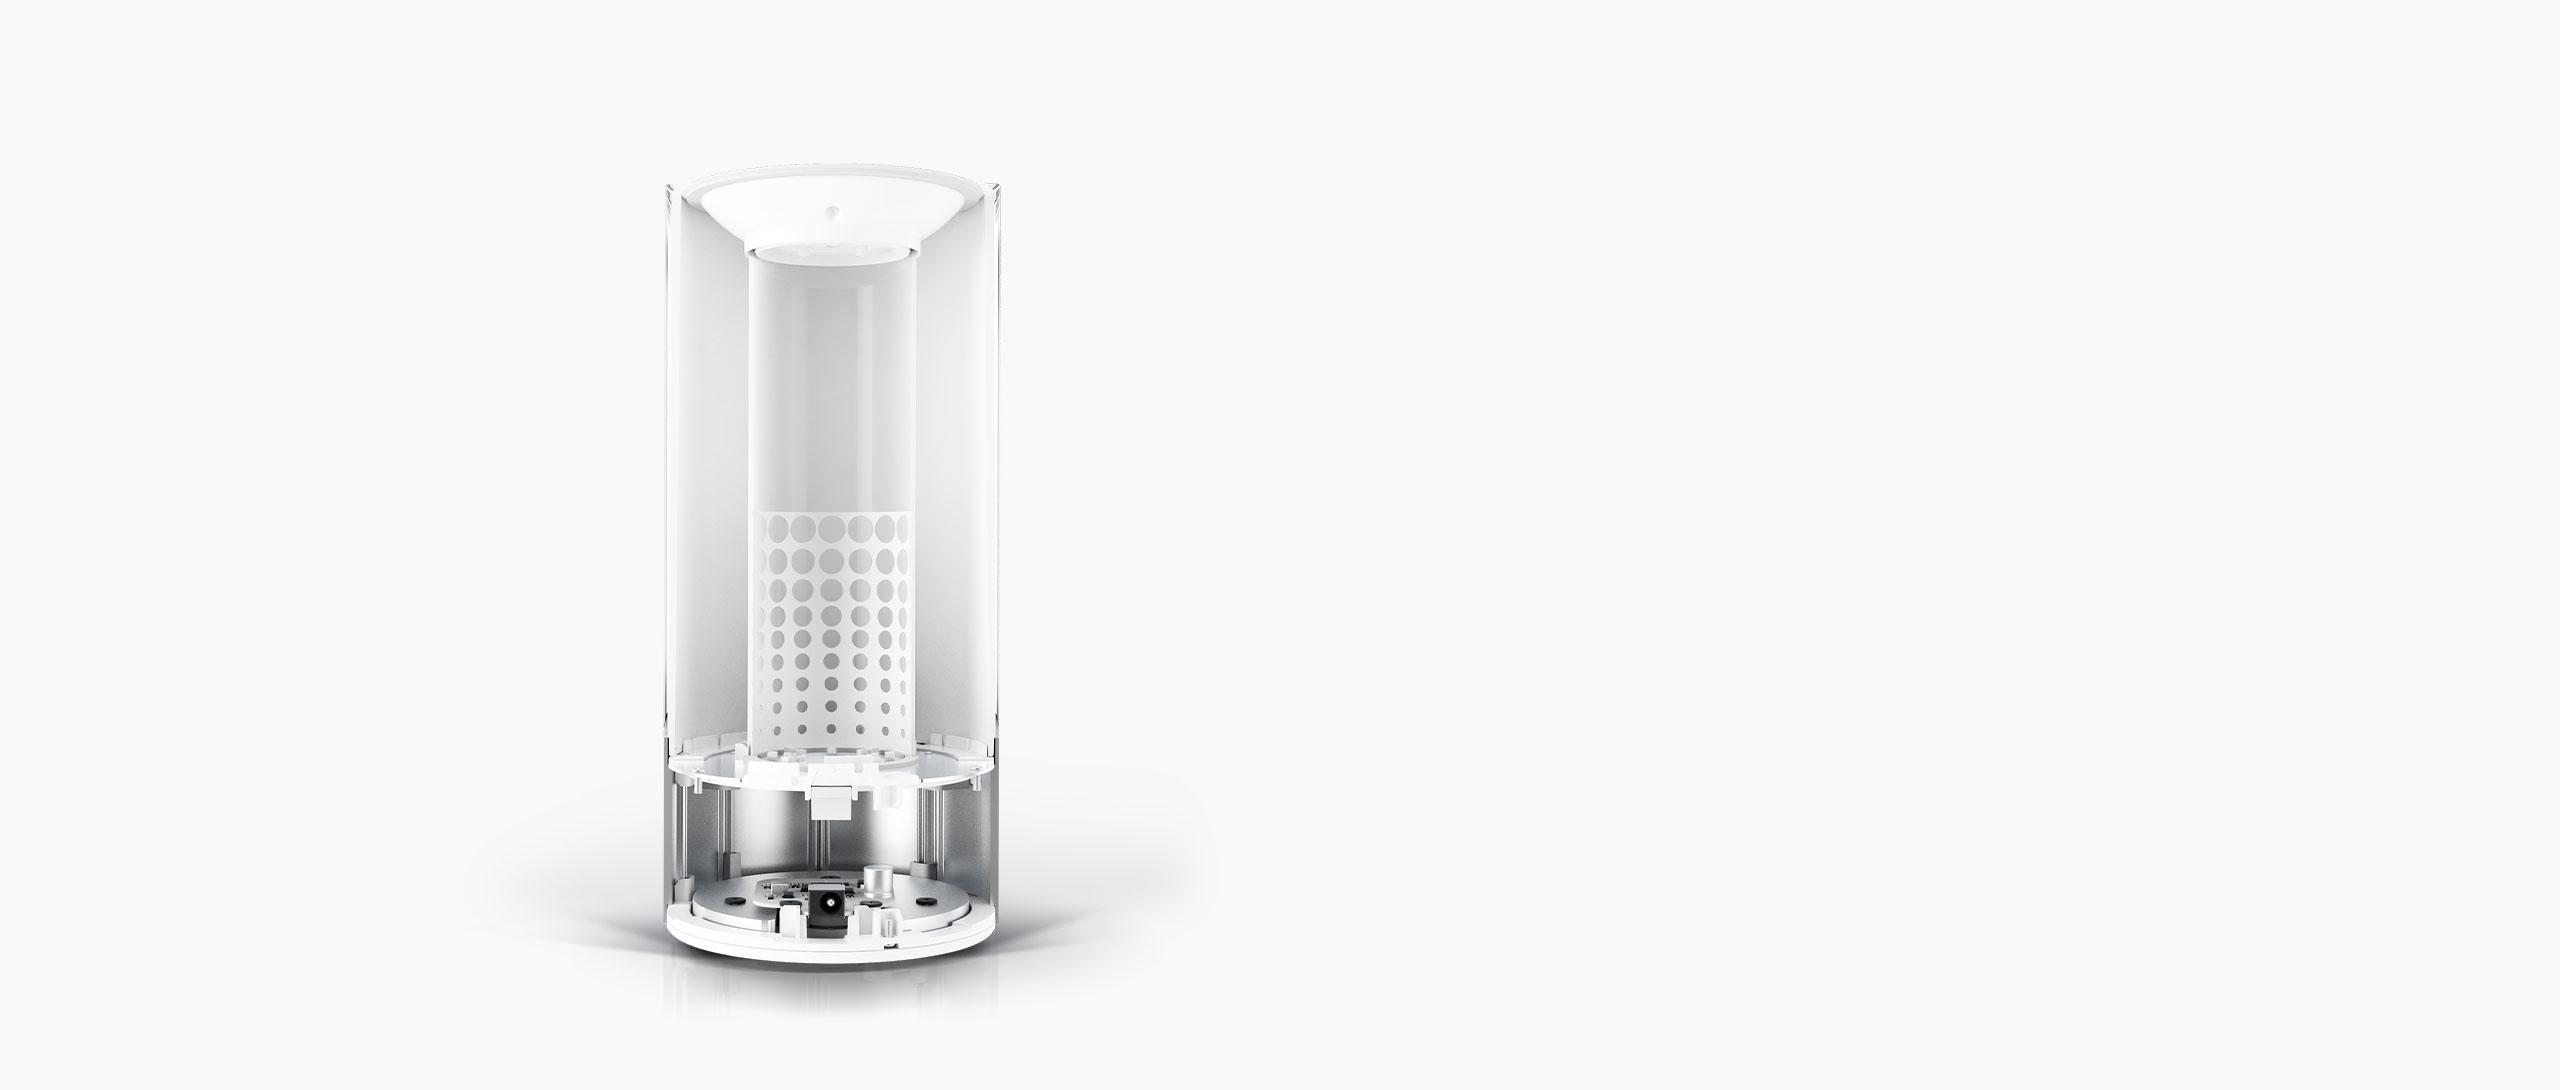 mj-bedsidelamp-10.jpg